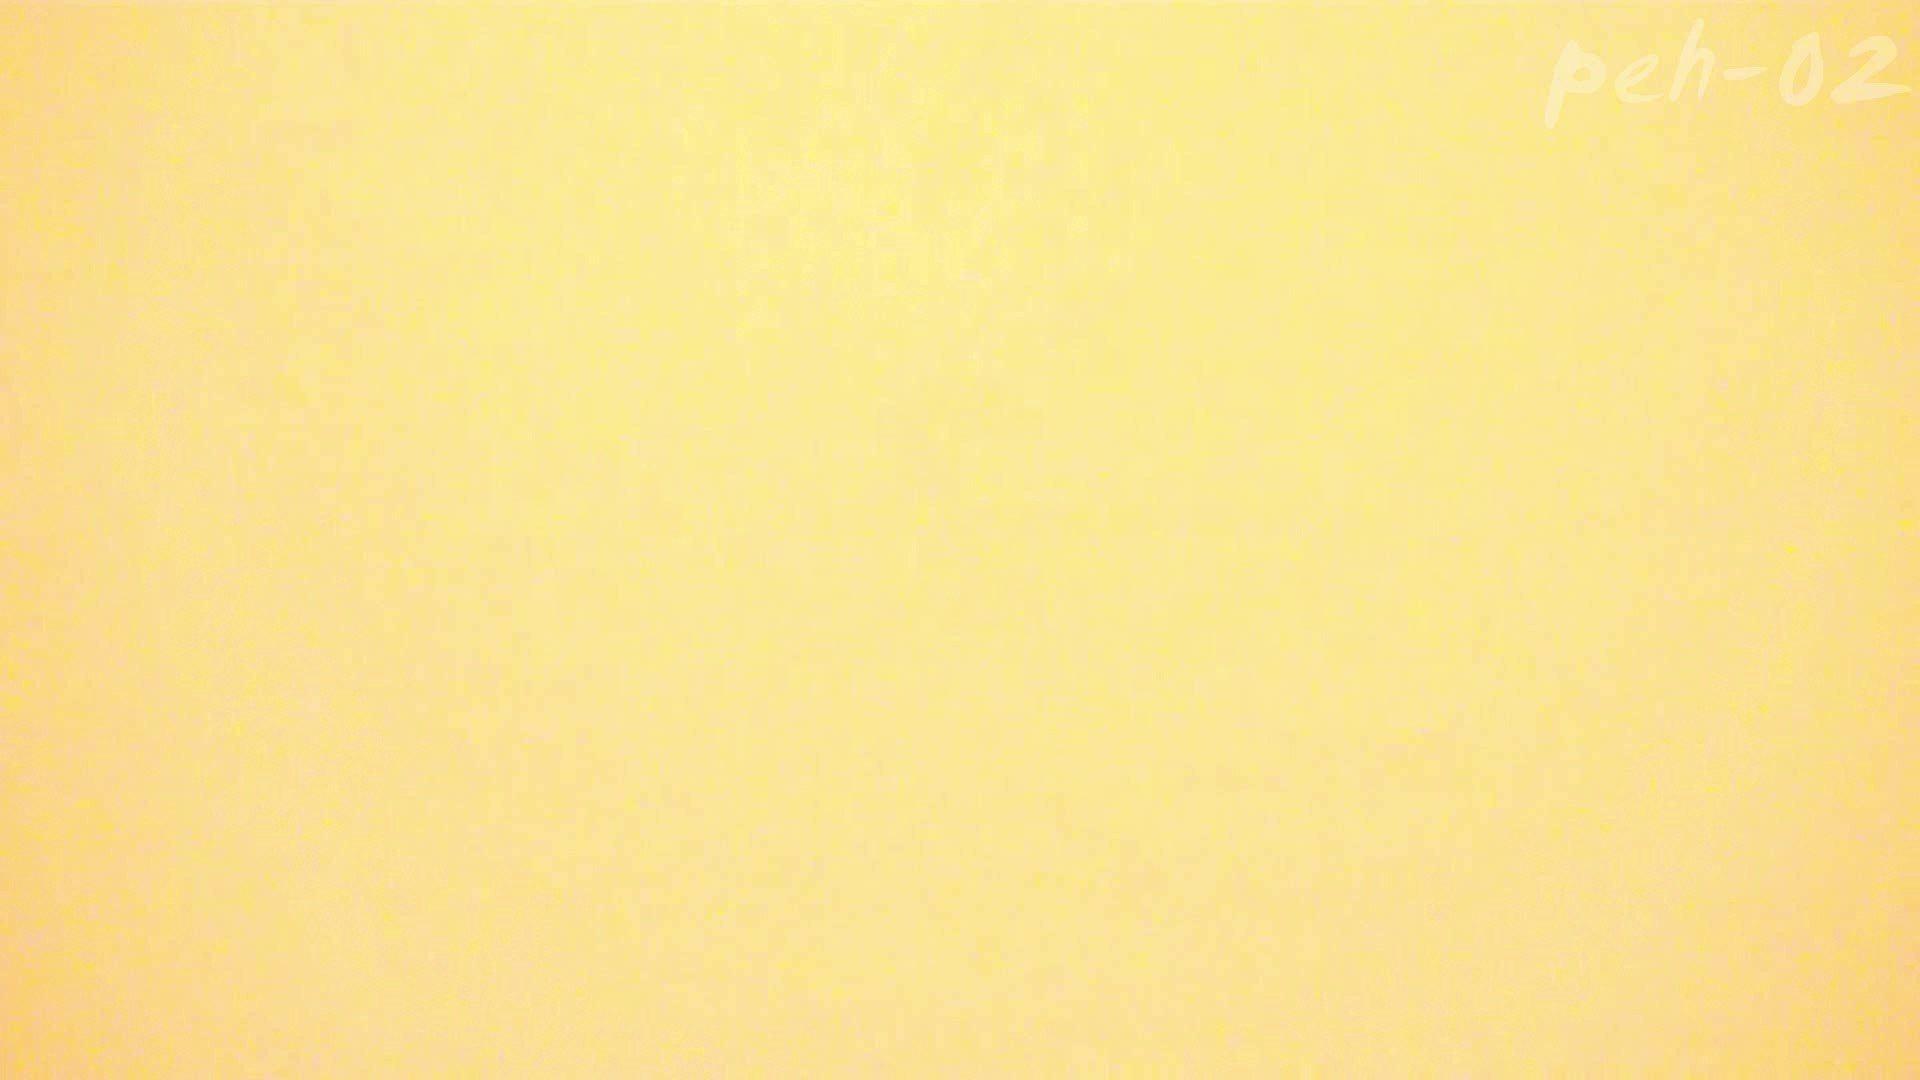 ※100個限定販売 至高下半身盗撮 プレミアム Vol.2 ハイビジョン 盗撮  104pic 70